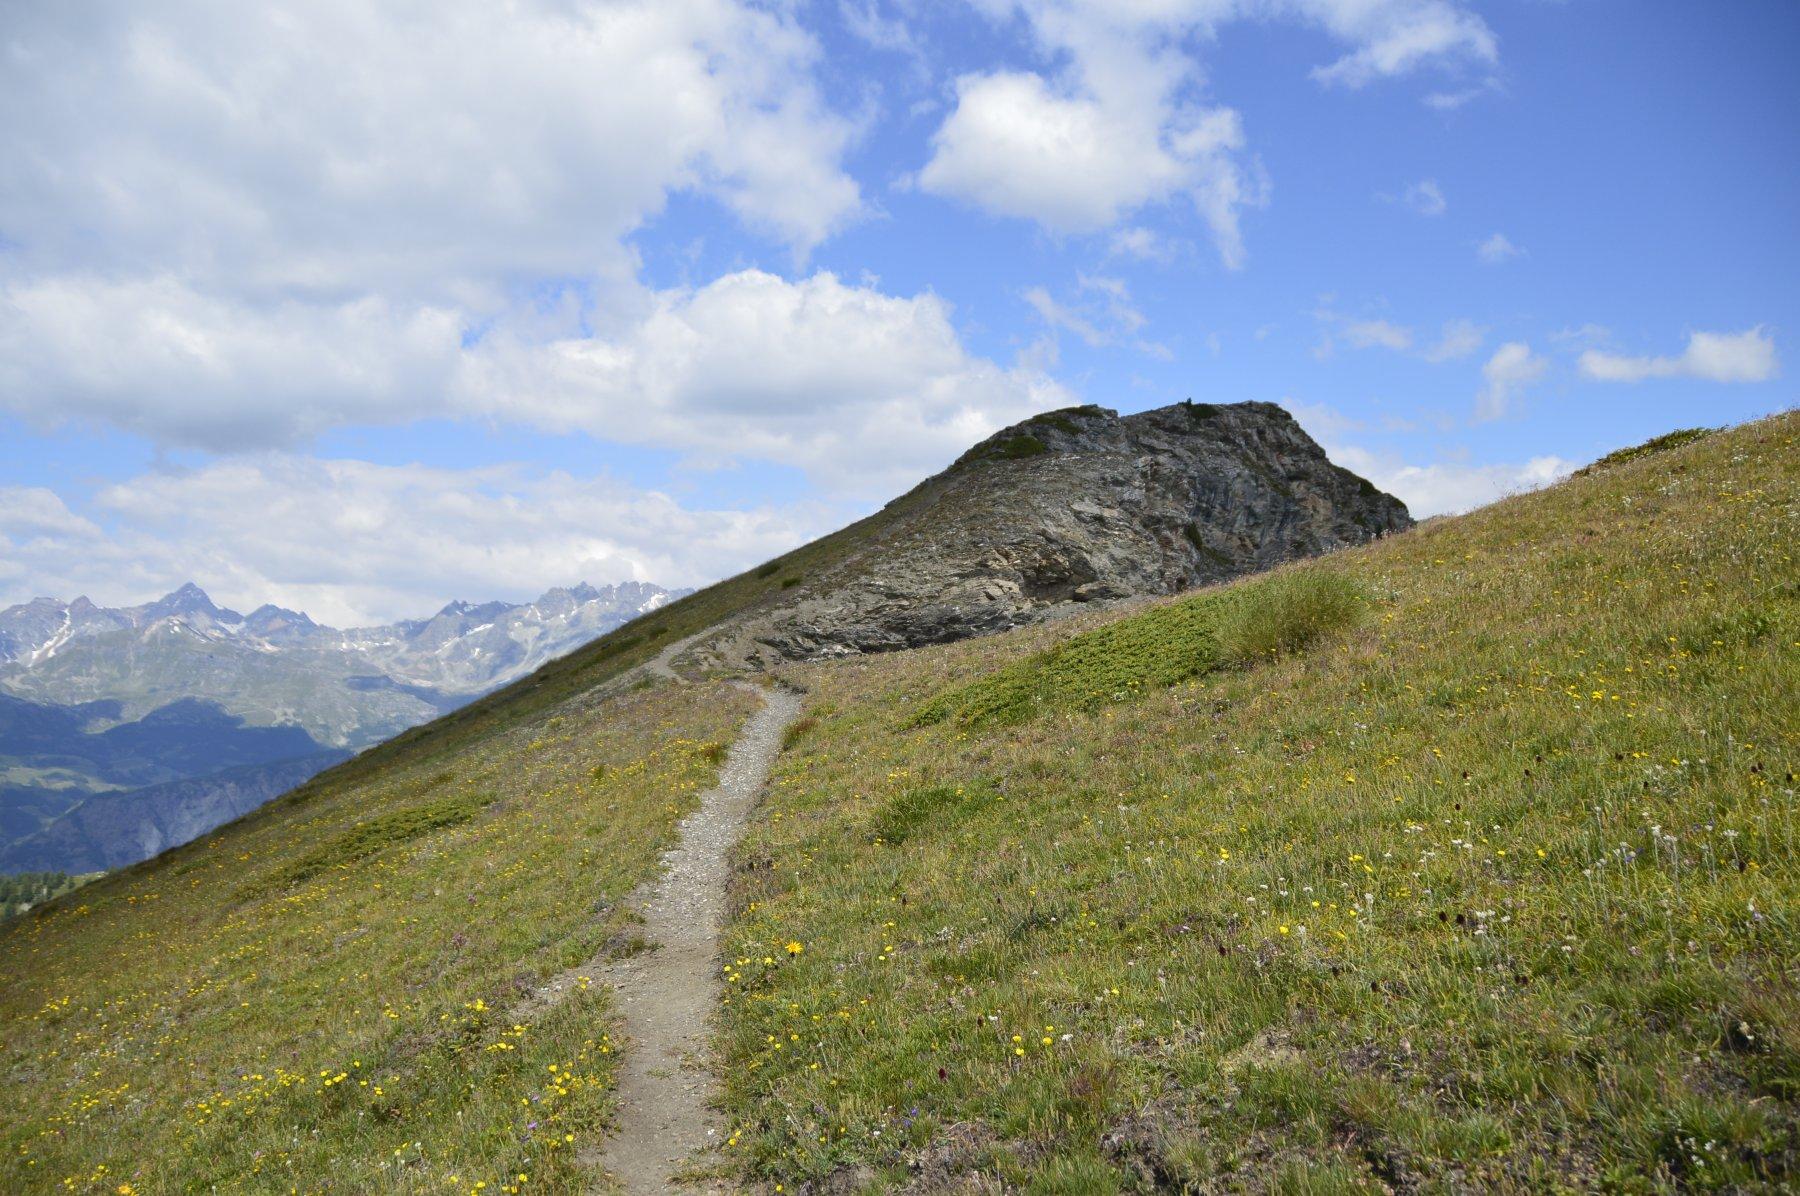 Fino al secondo ripetitore il sentiero è facilissimo.